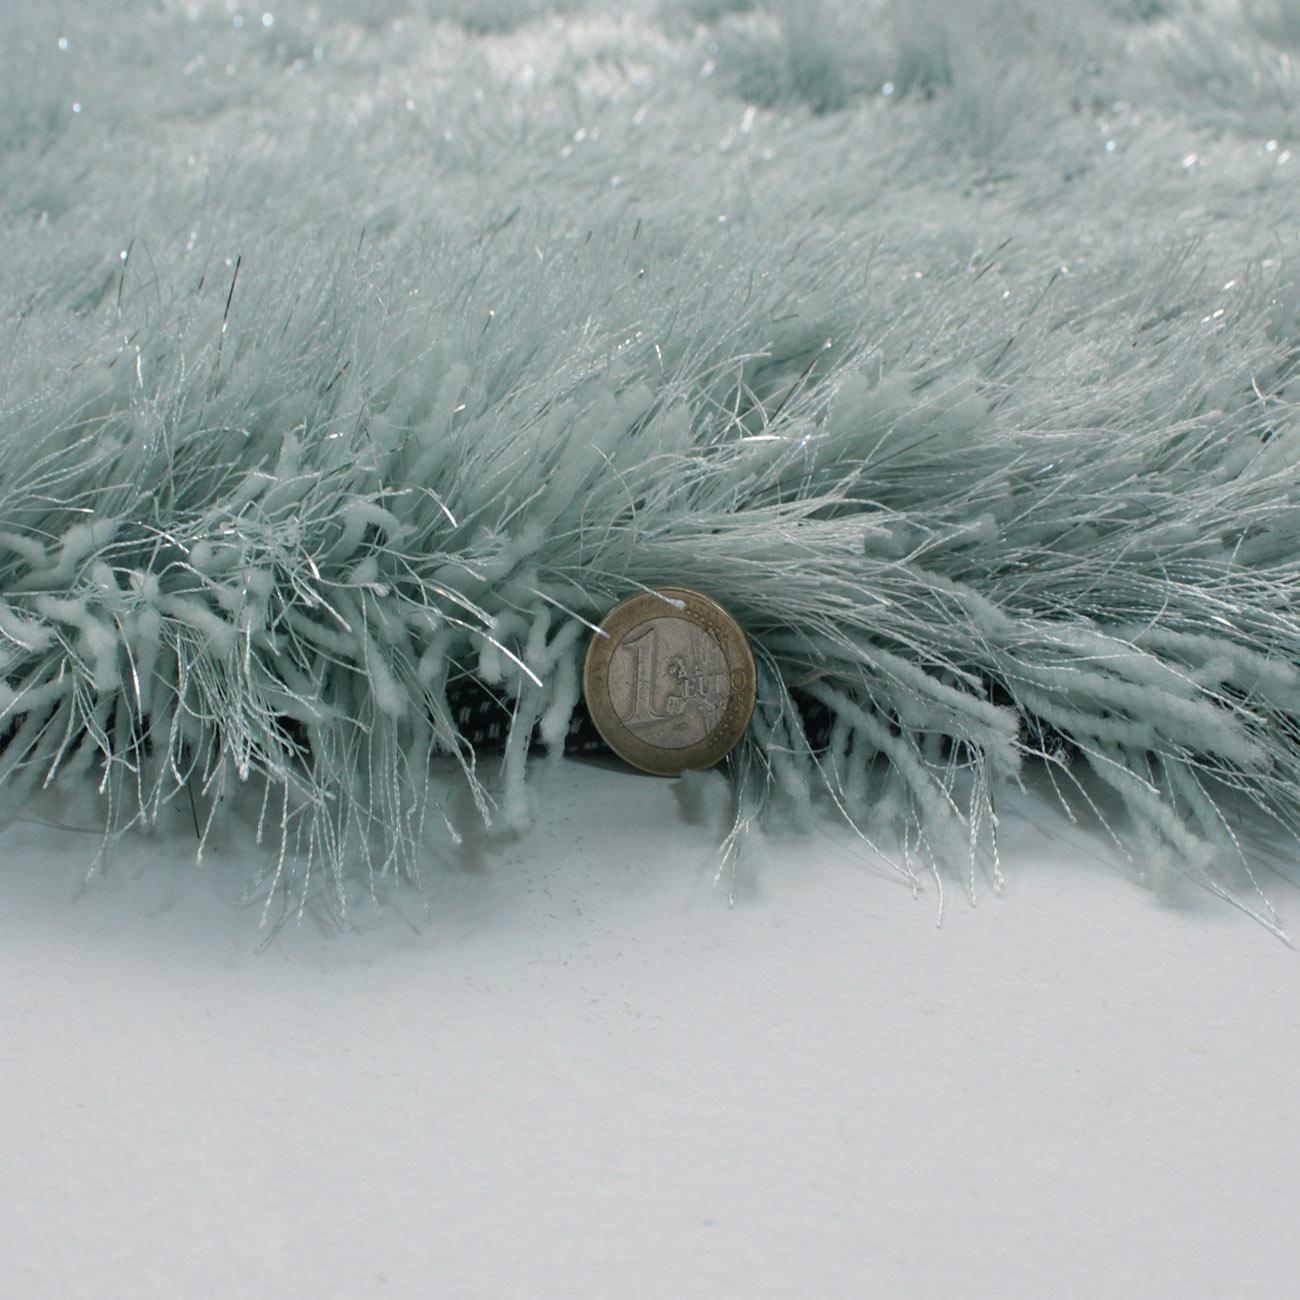 Flair Rugs Dazzle Duck Egg Plain Shaggy Sparkle Rug - 120 x 170 cm